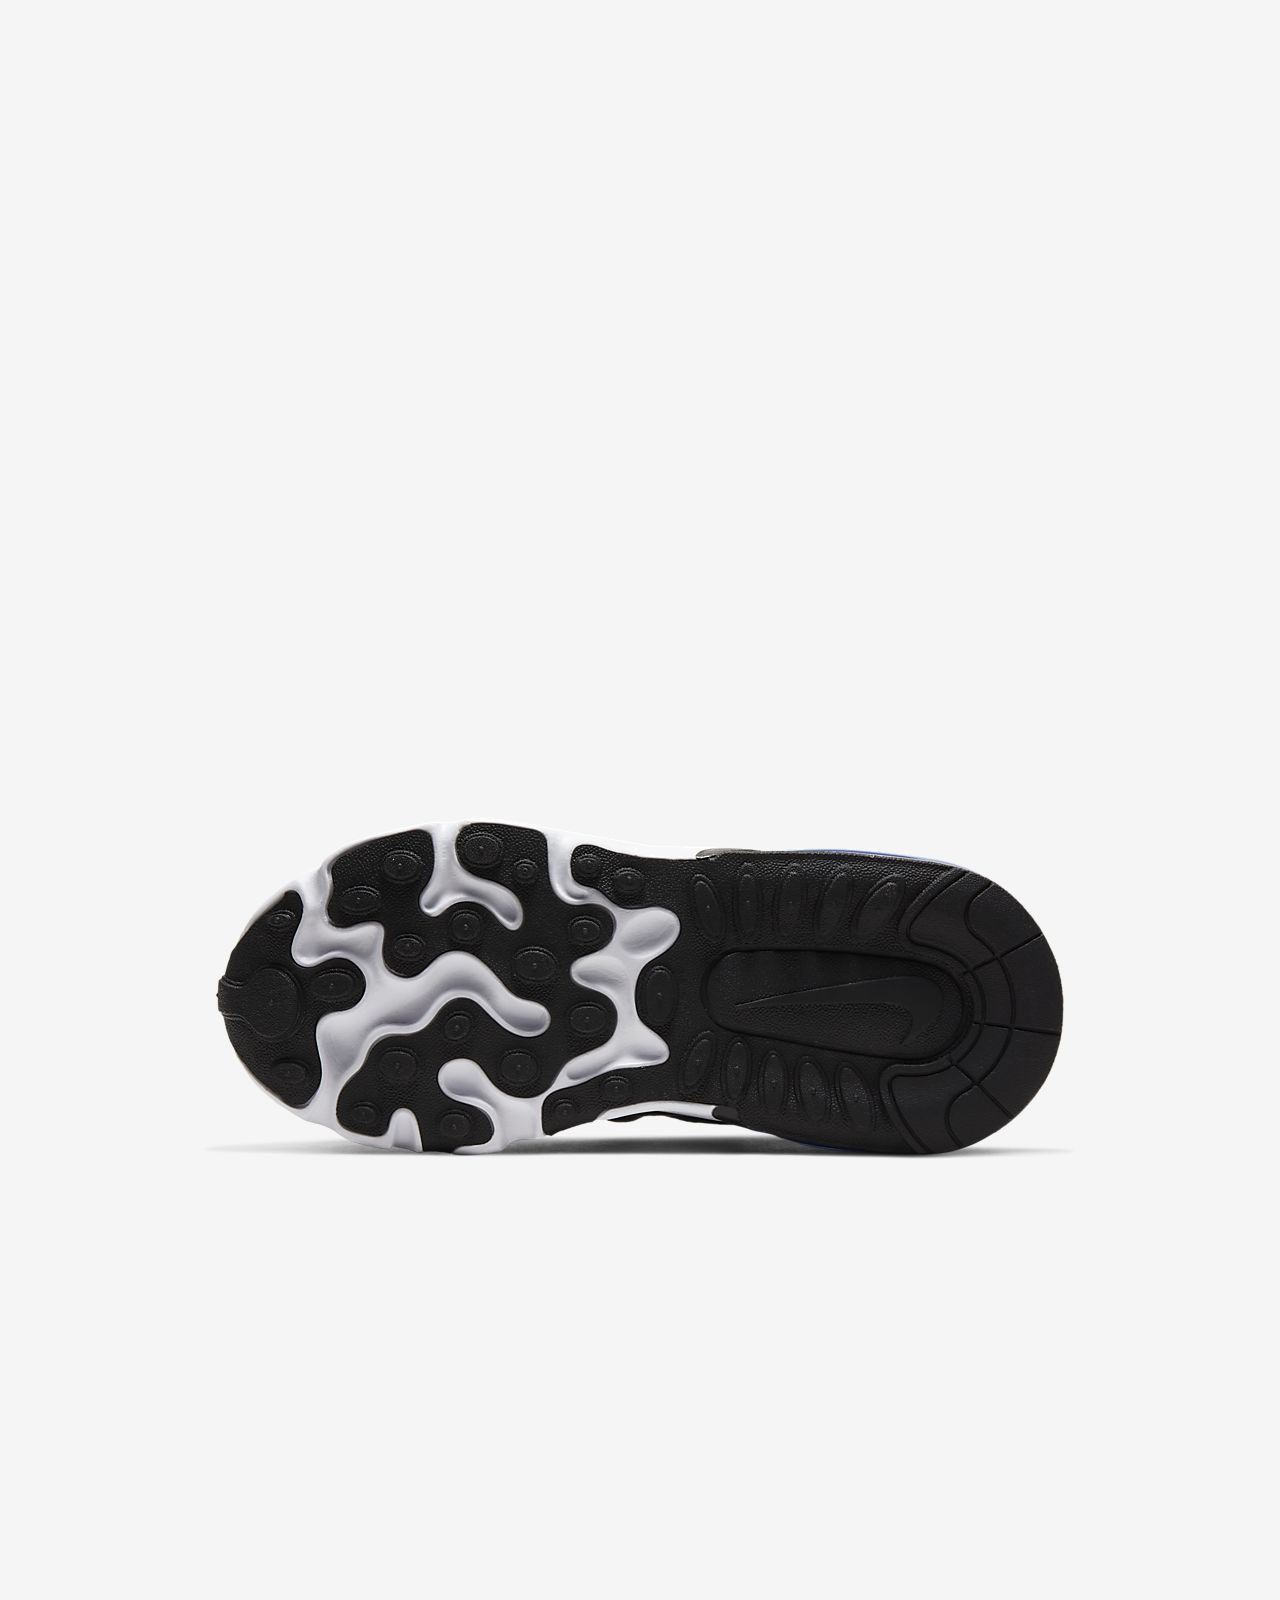 Buty dla małych dzieci Nike Air Max 270 RT